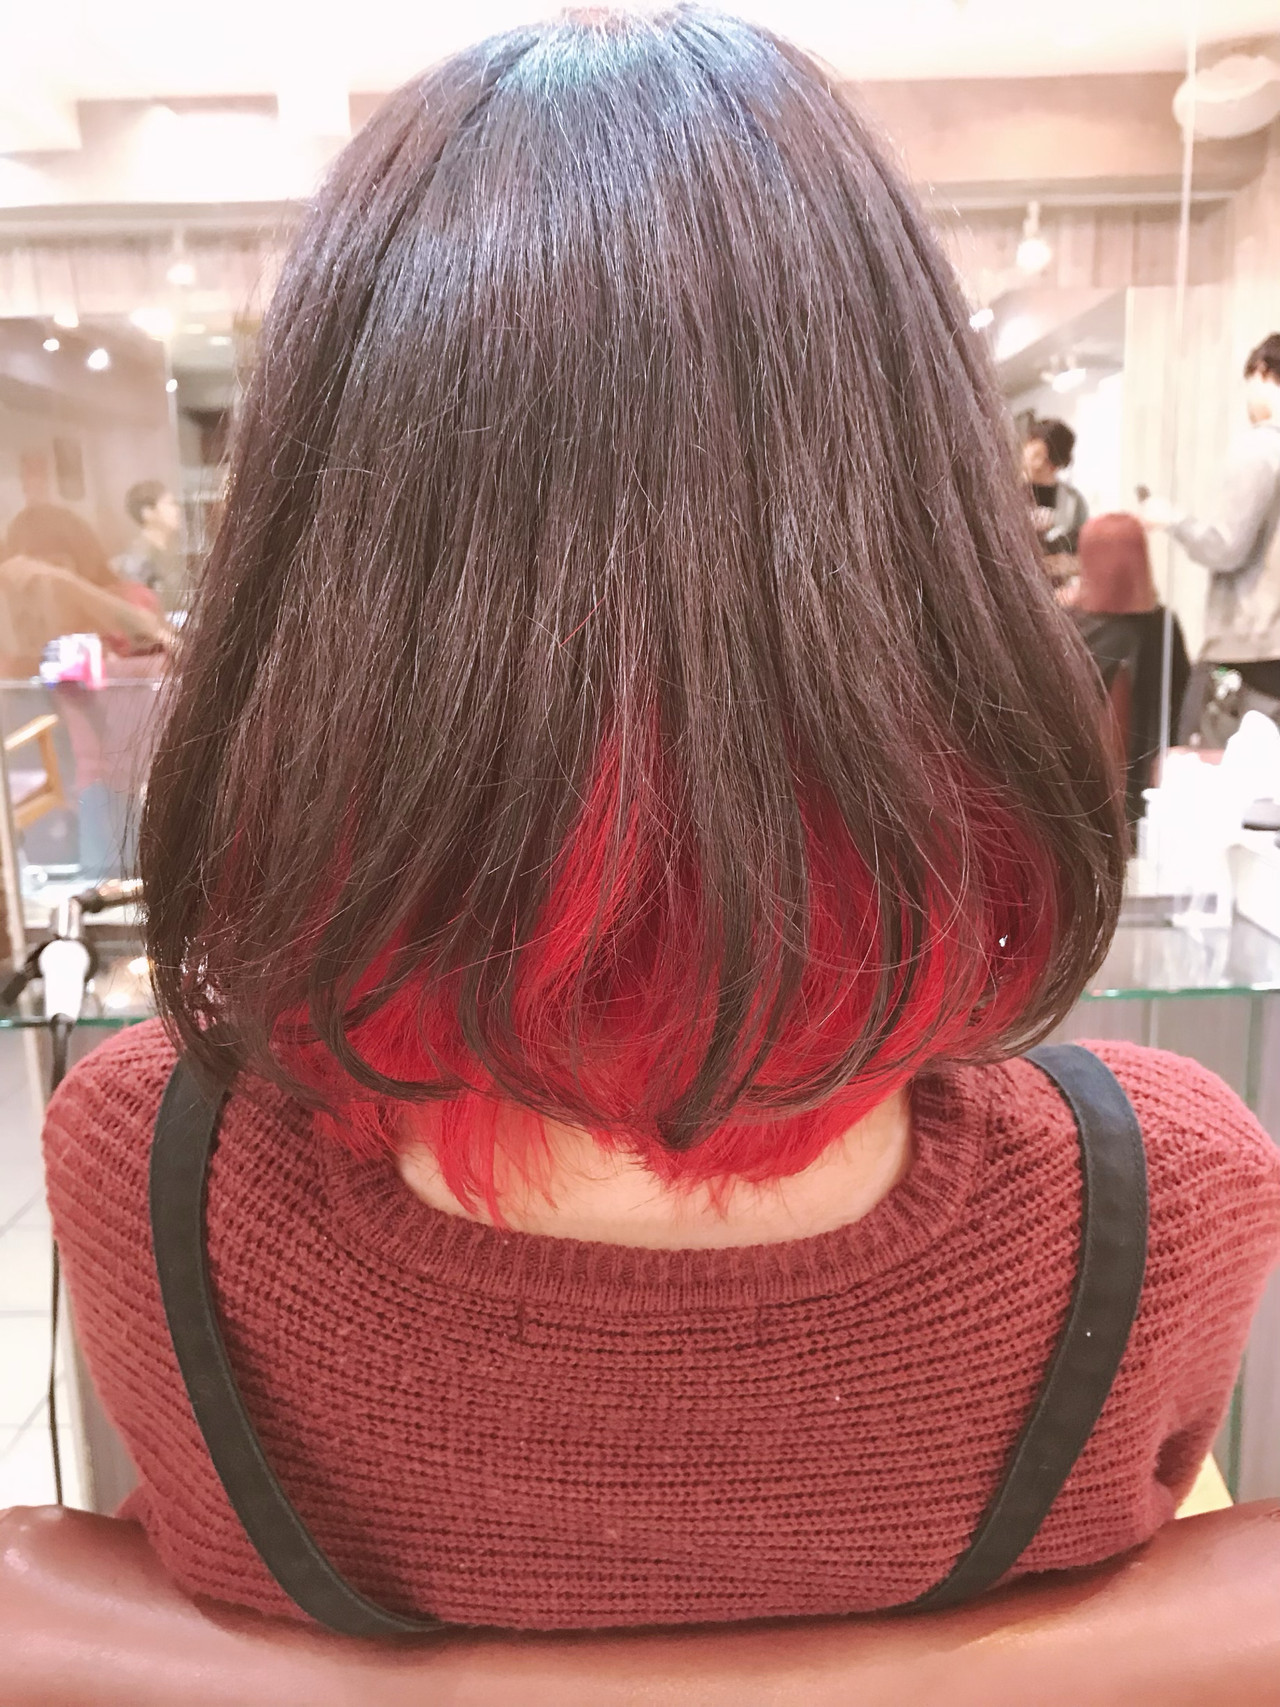 インナーカラー ダブルカラー レッド インナーカラーレッド ヘアスタイルや髪型の写真・画像